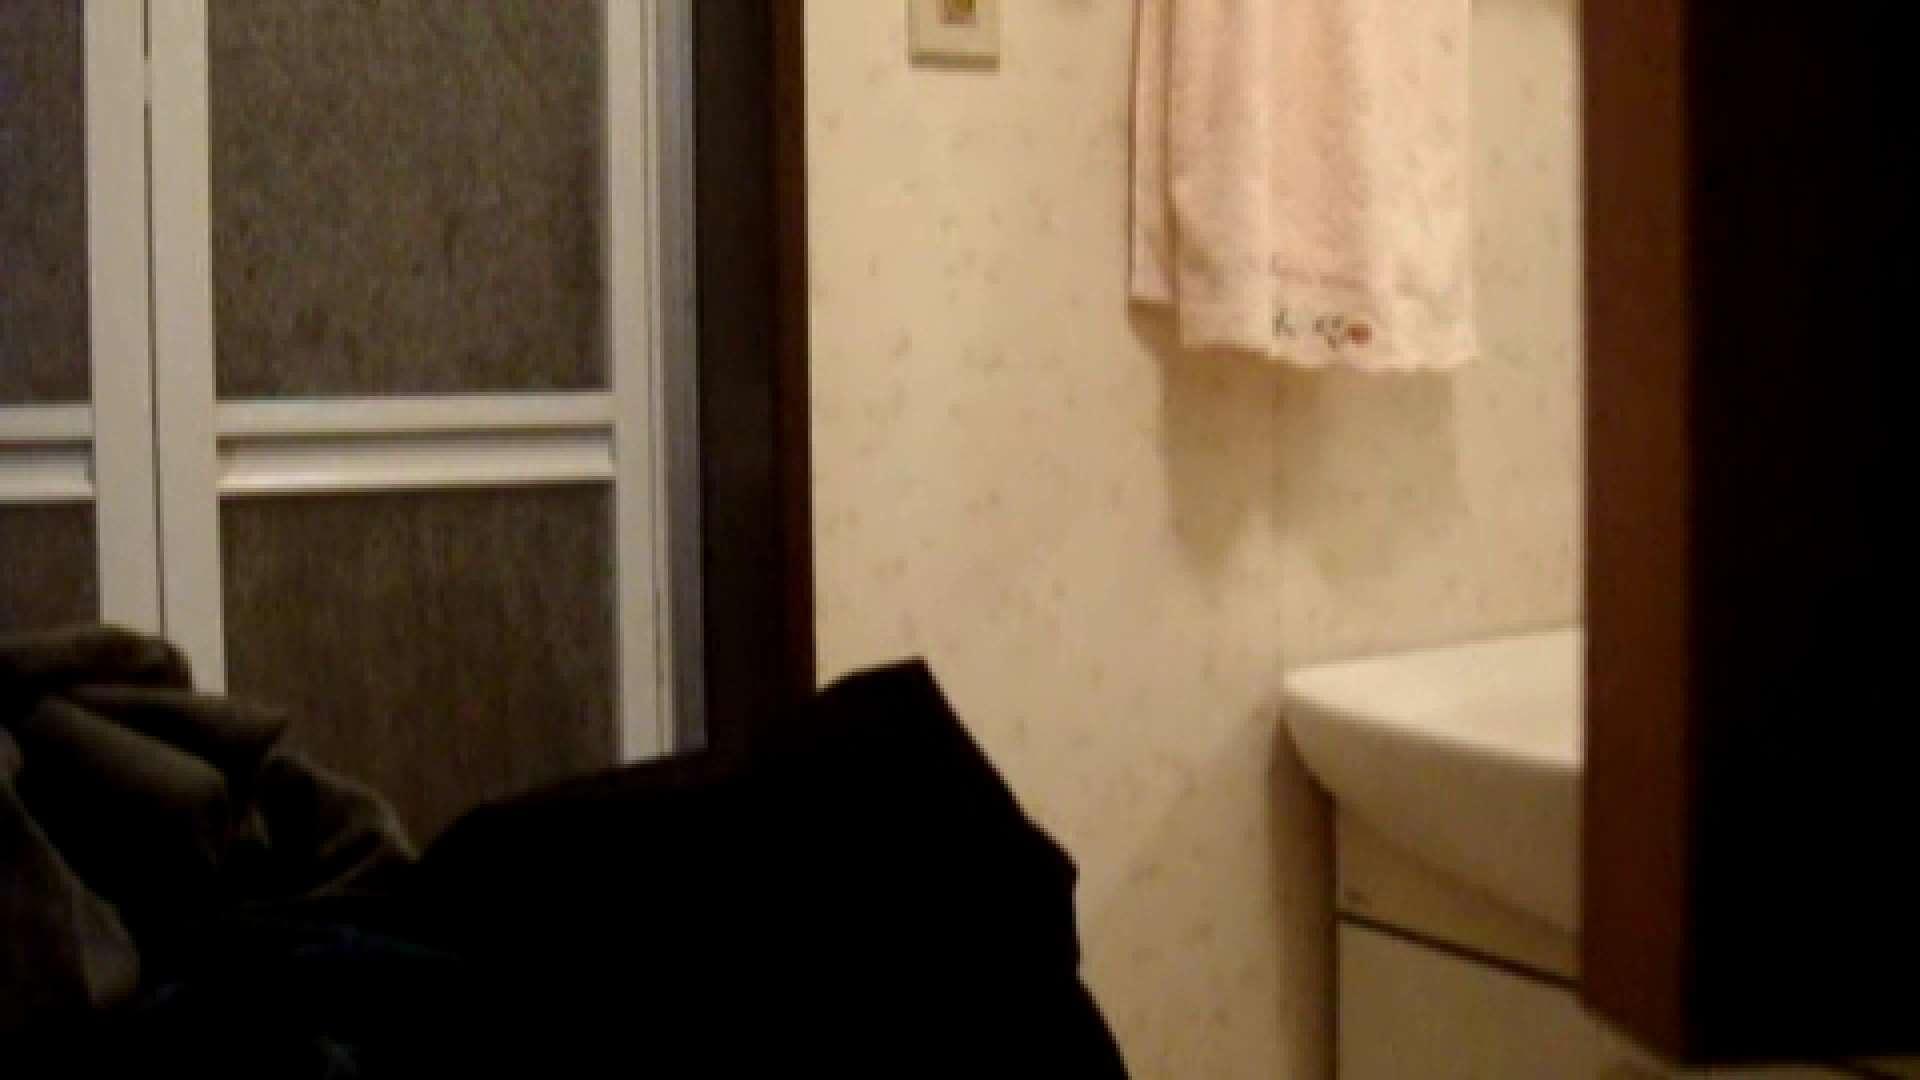 二人とも育てた甲斐がありました… vol.08 まどかの入浴中にカメラに気付いたか!? 入浴特集  9枚 2